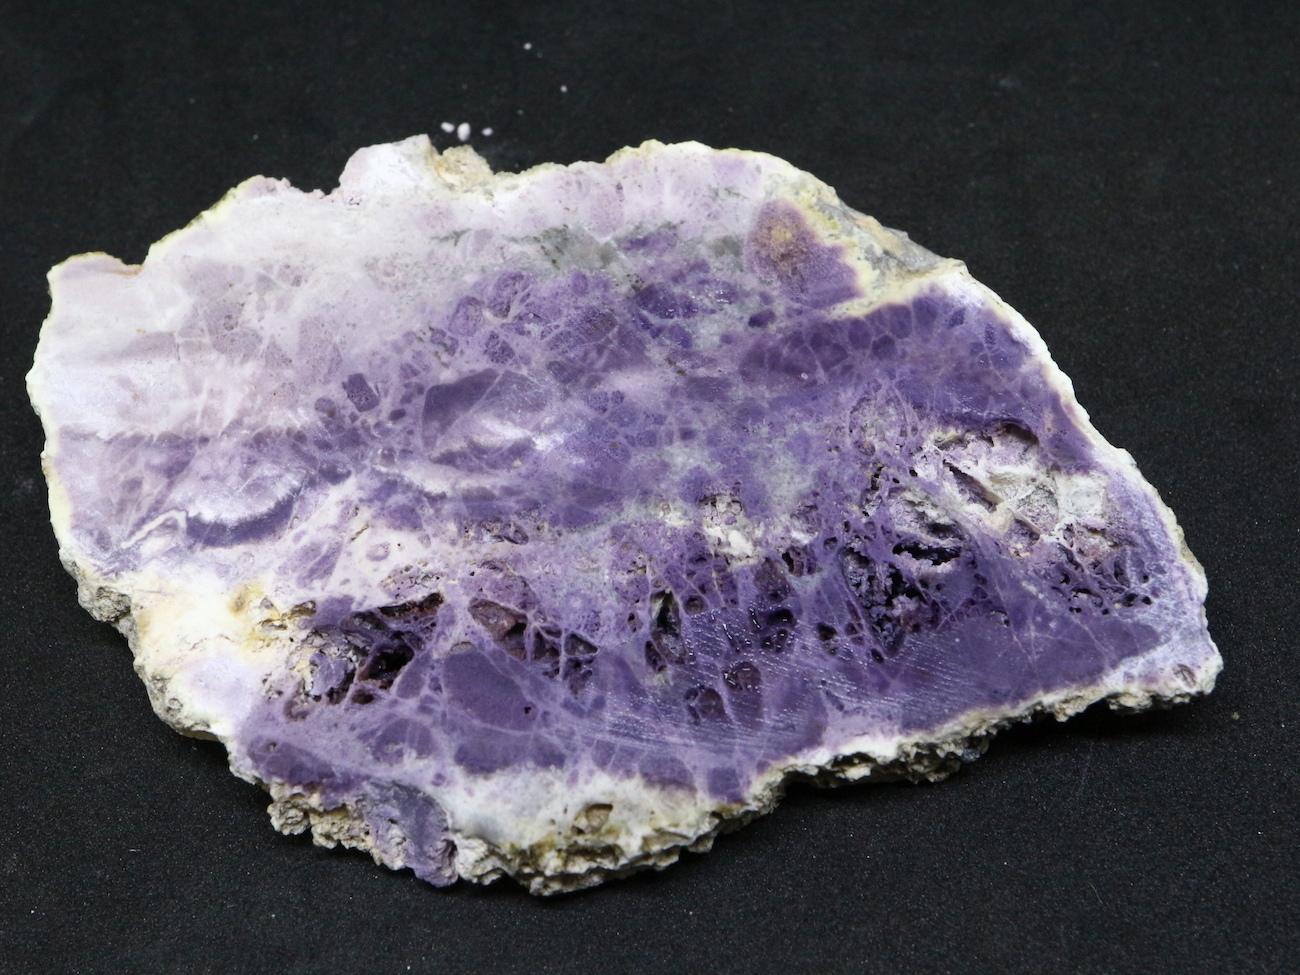 超希少!ティファニーストーン スライス  原石 ユタ州産 69g 鉱物 TF017